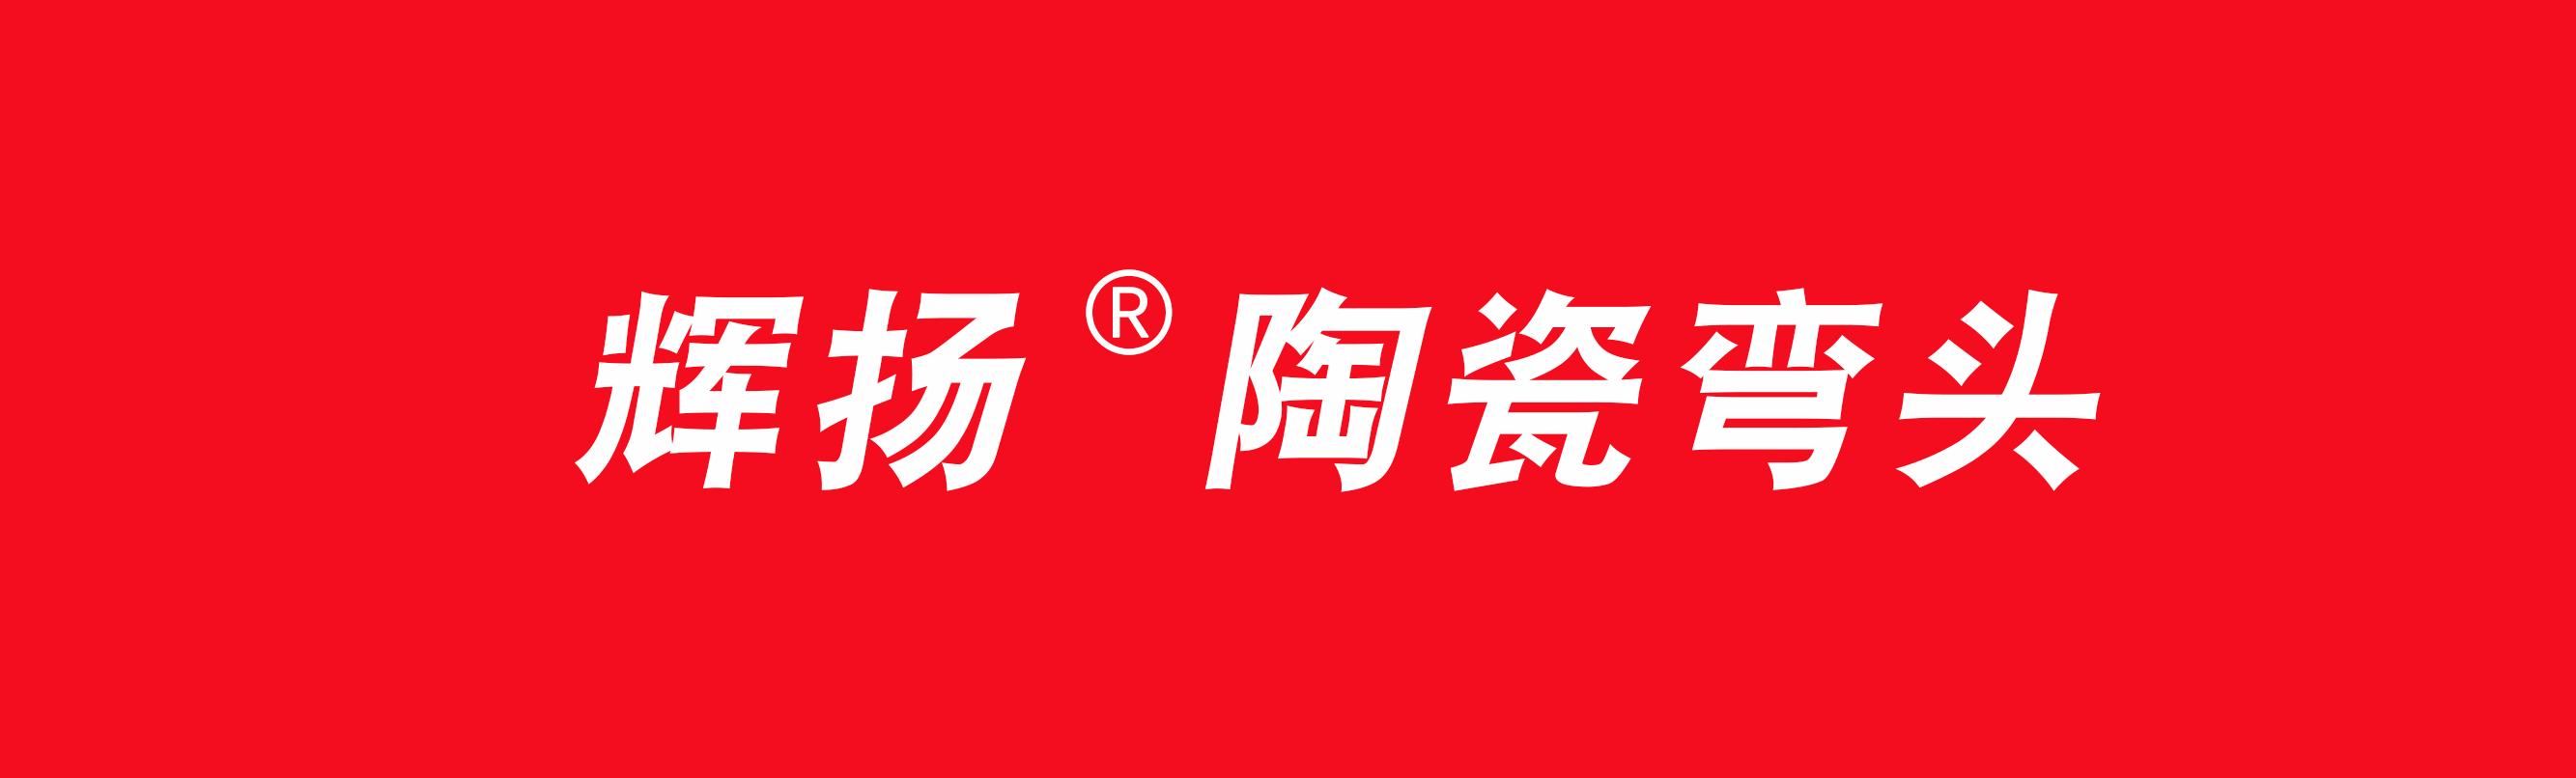 辉扬®陶瓷弯头